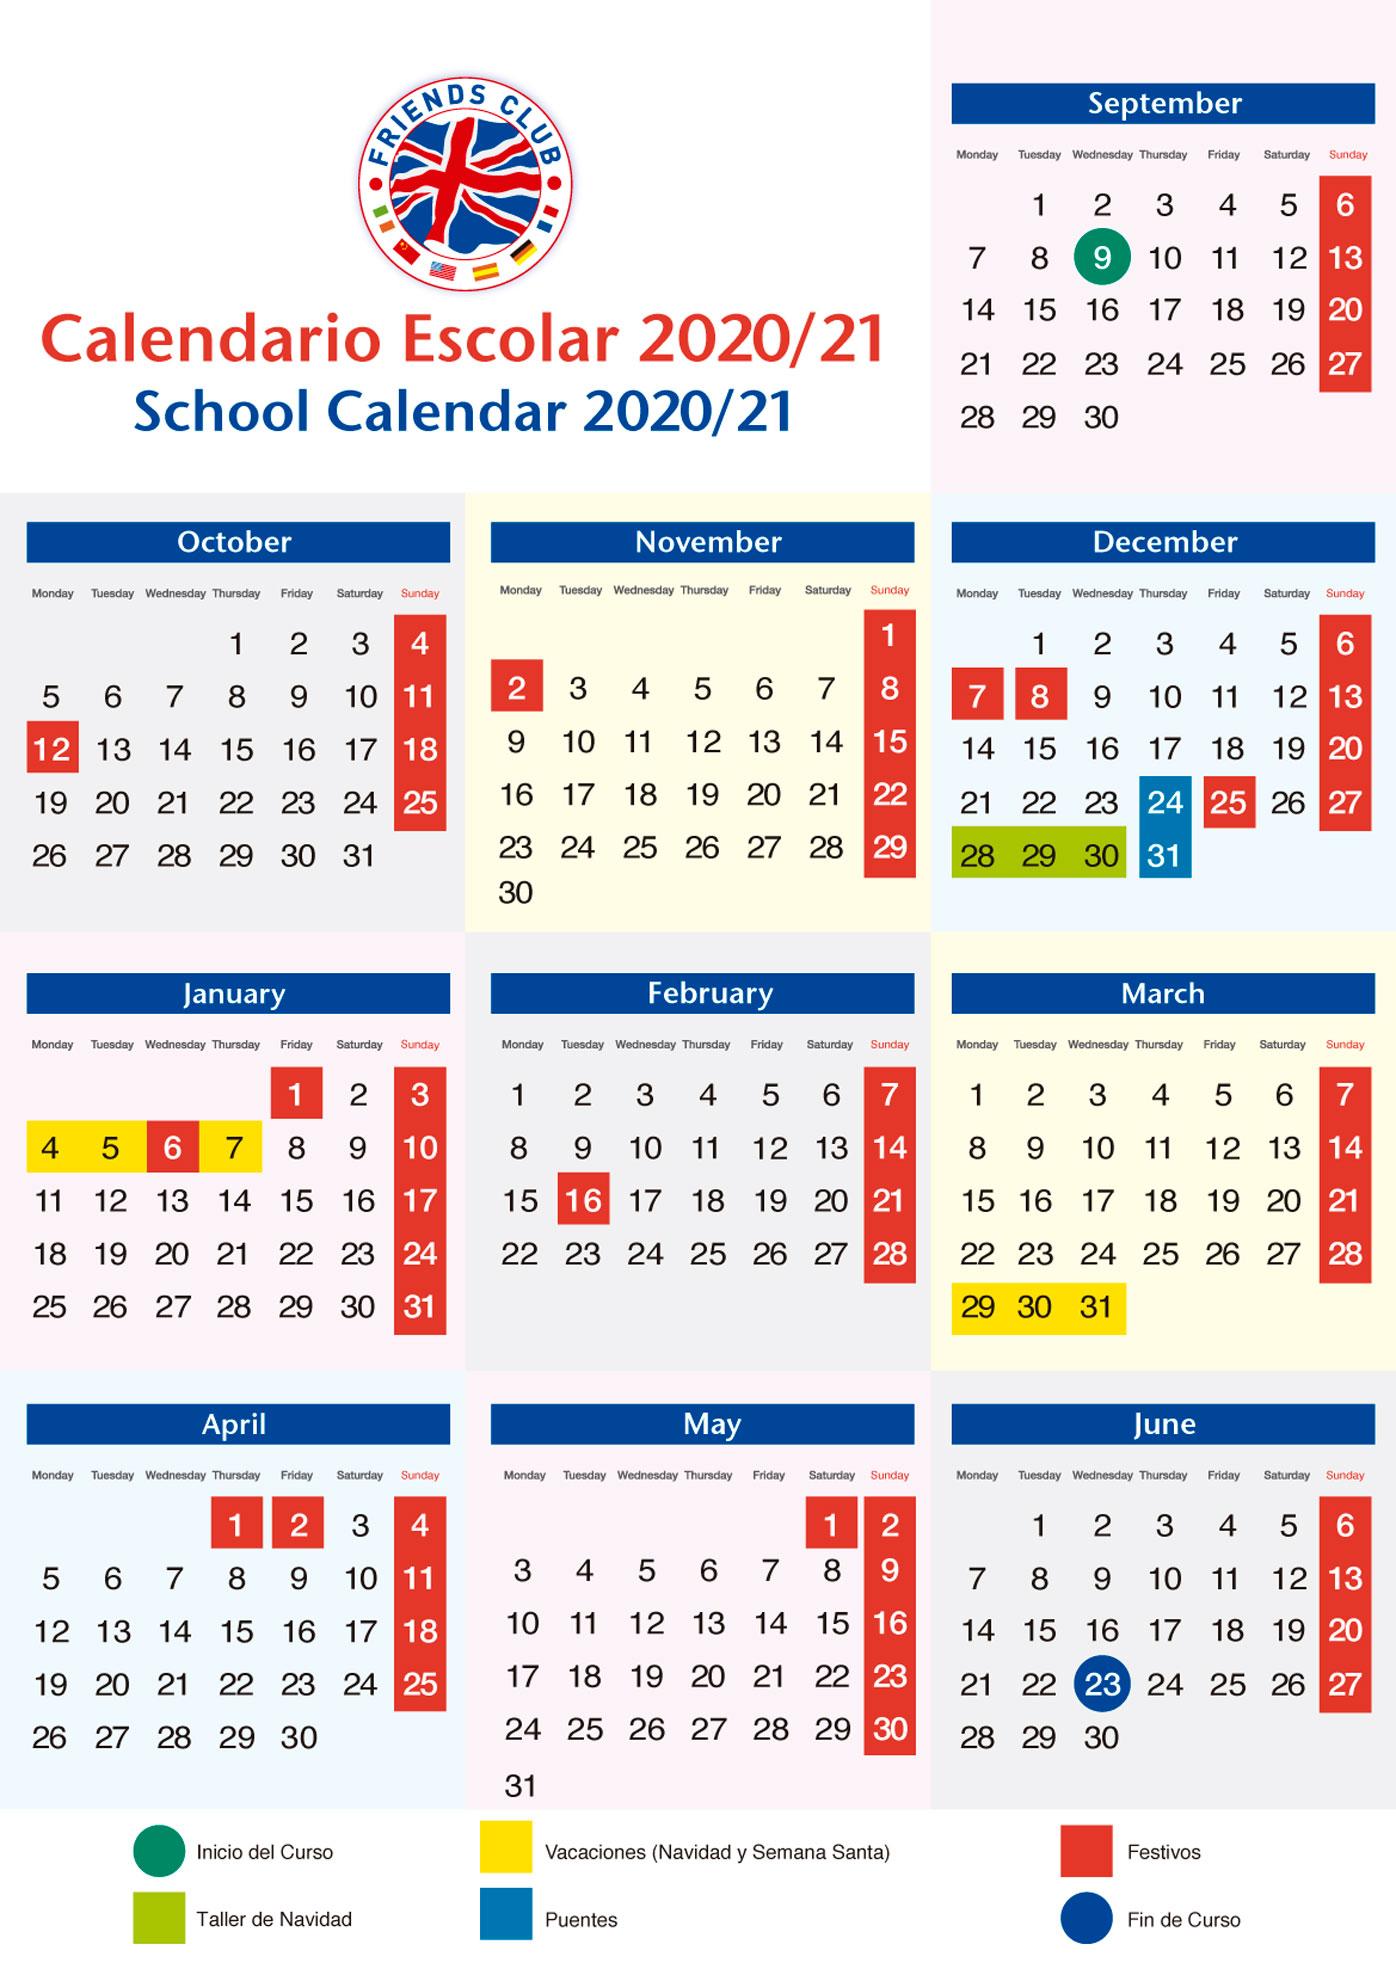 Calendario_Escolar_20-21